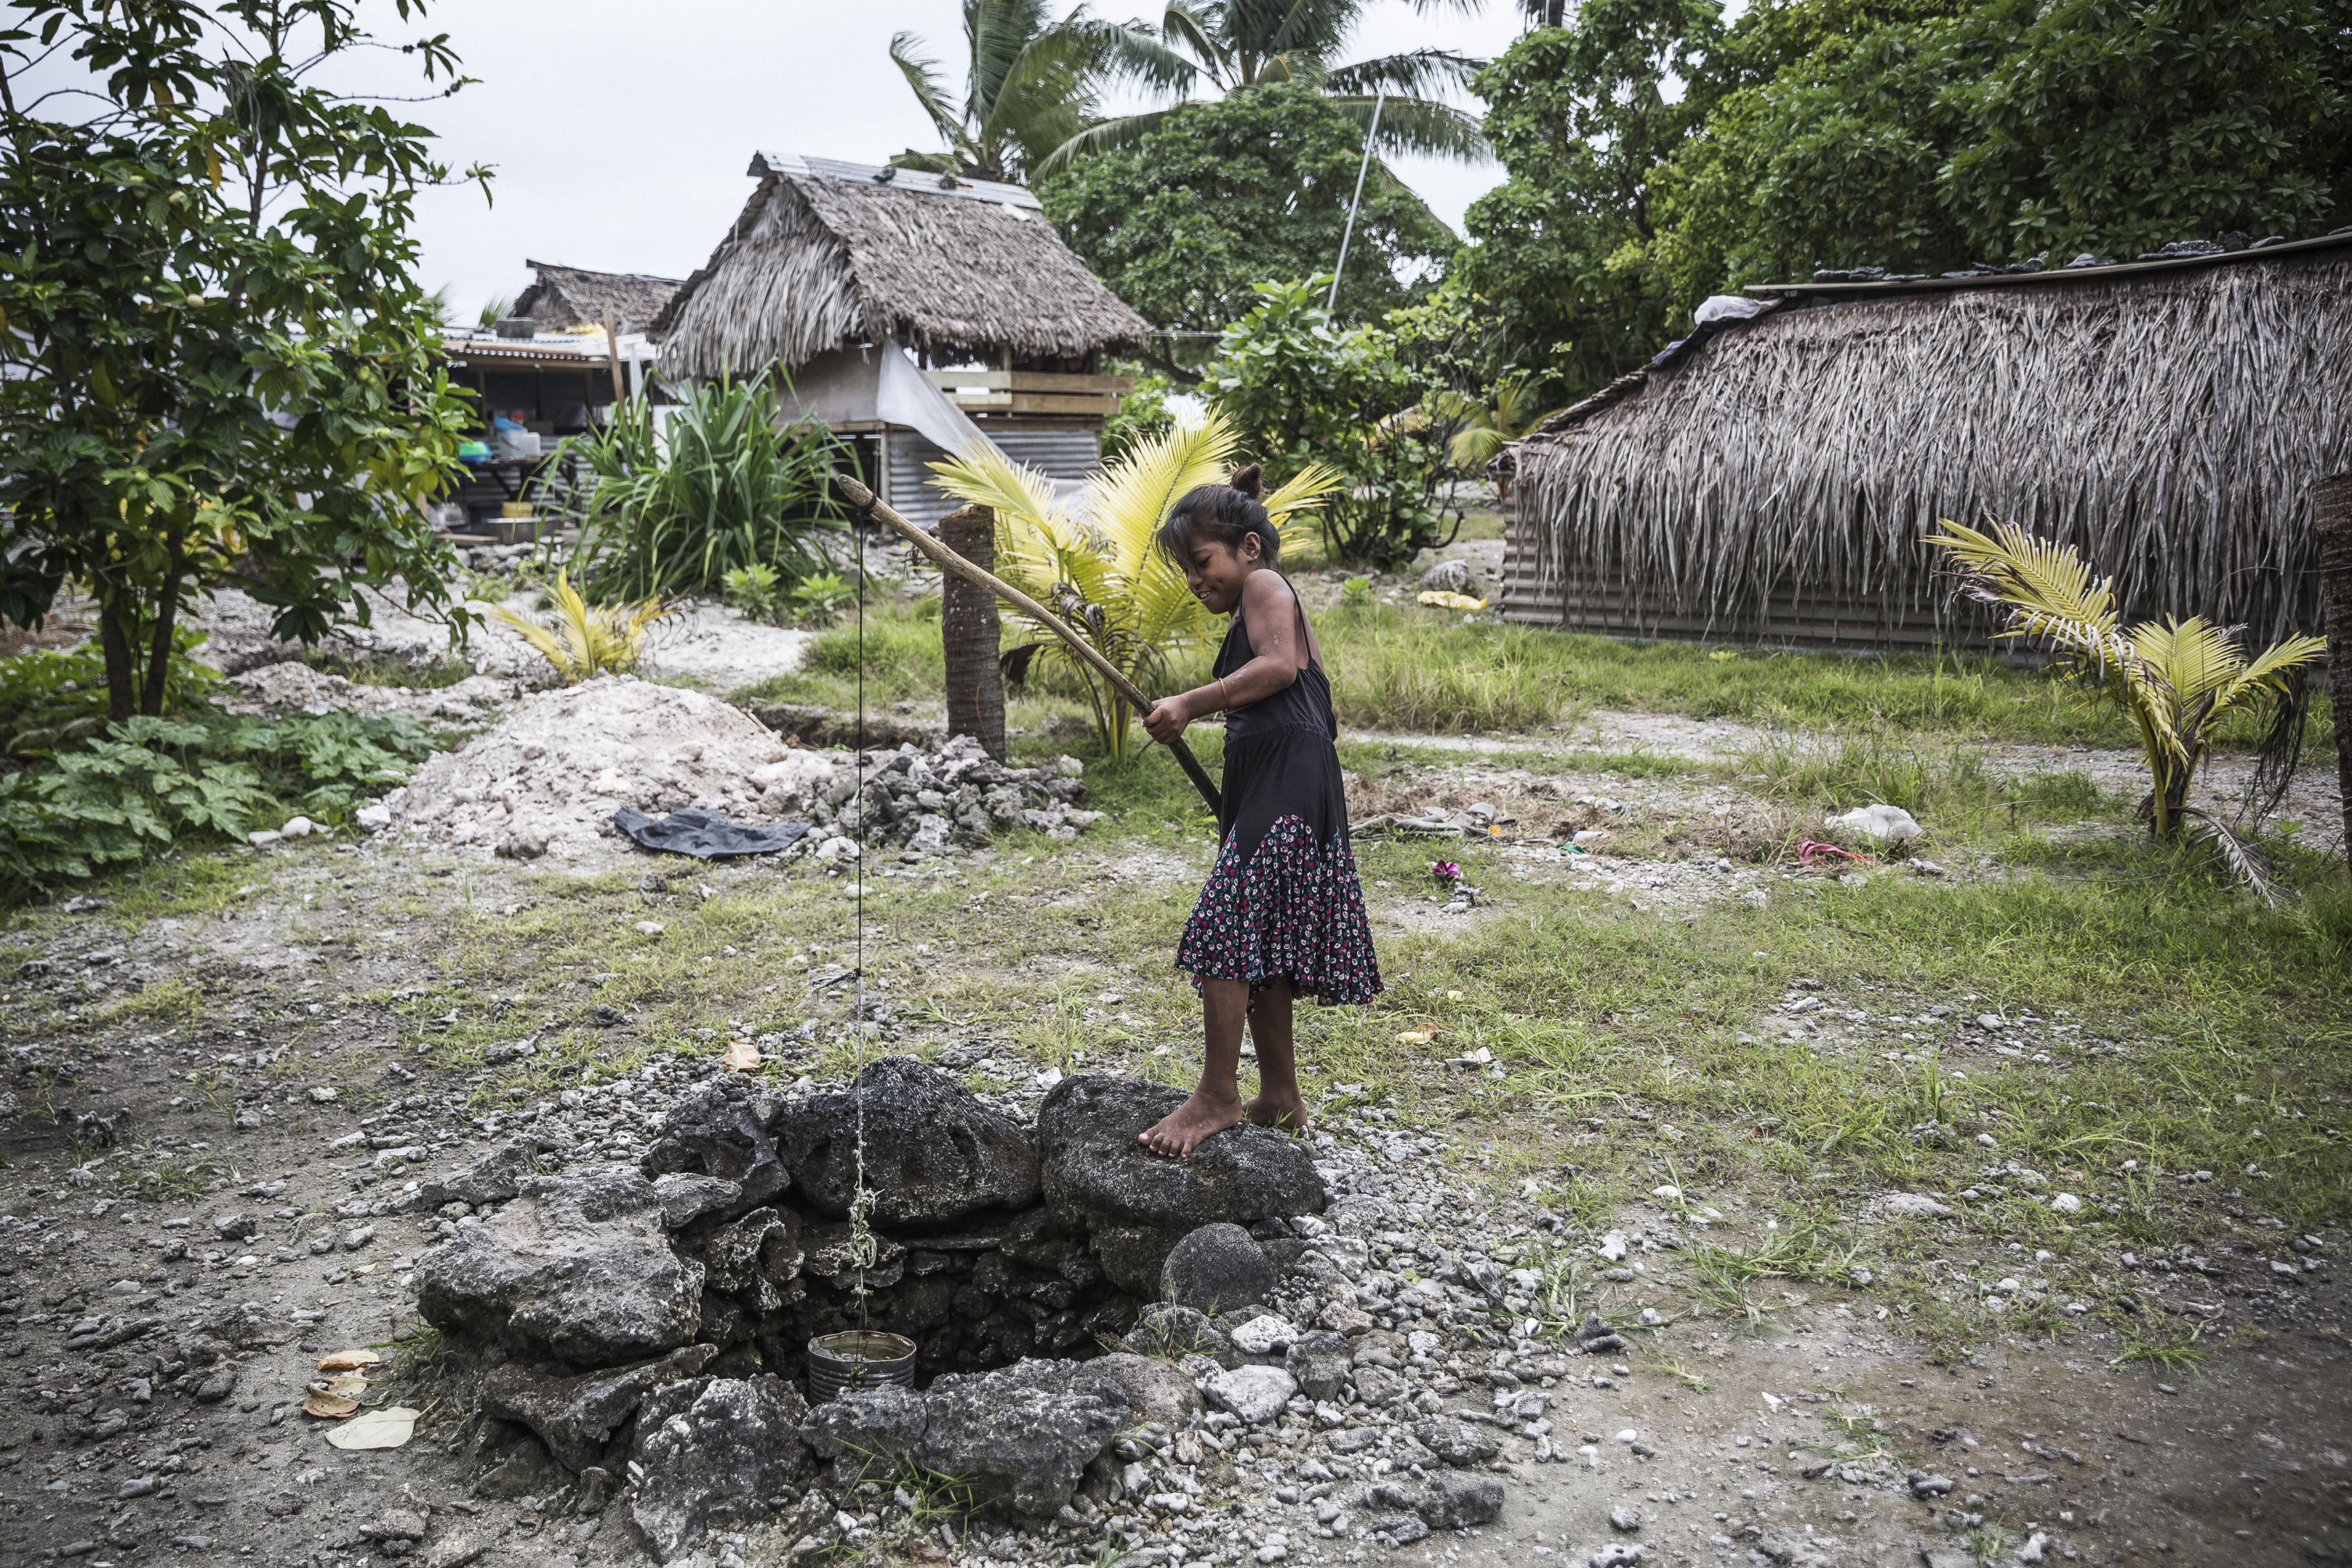 Ein Mädchen holt Wasser aus einem einfachen Brunnen.